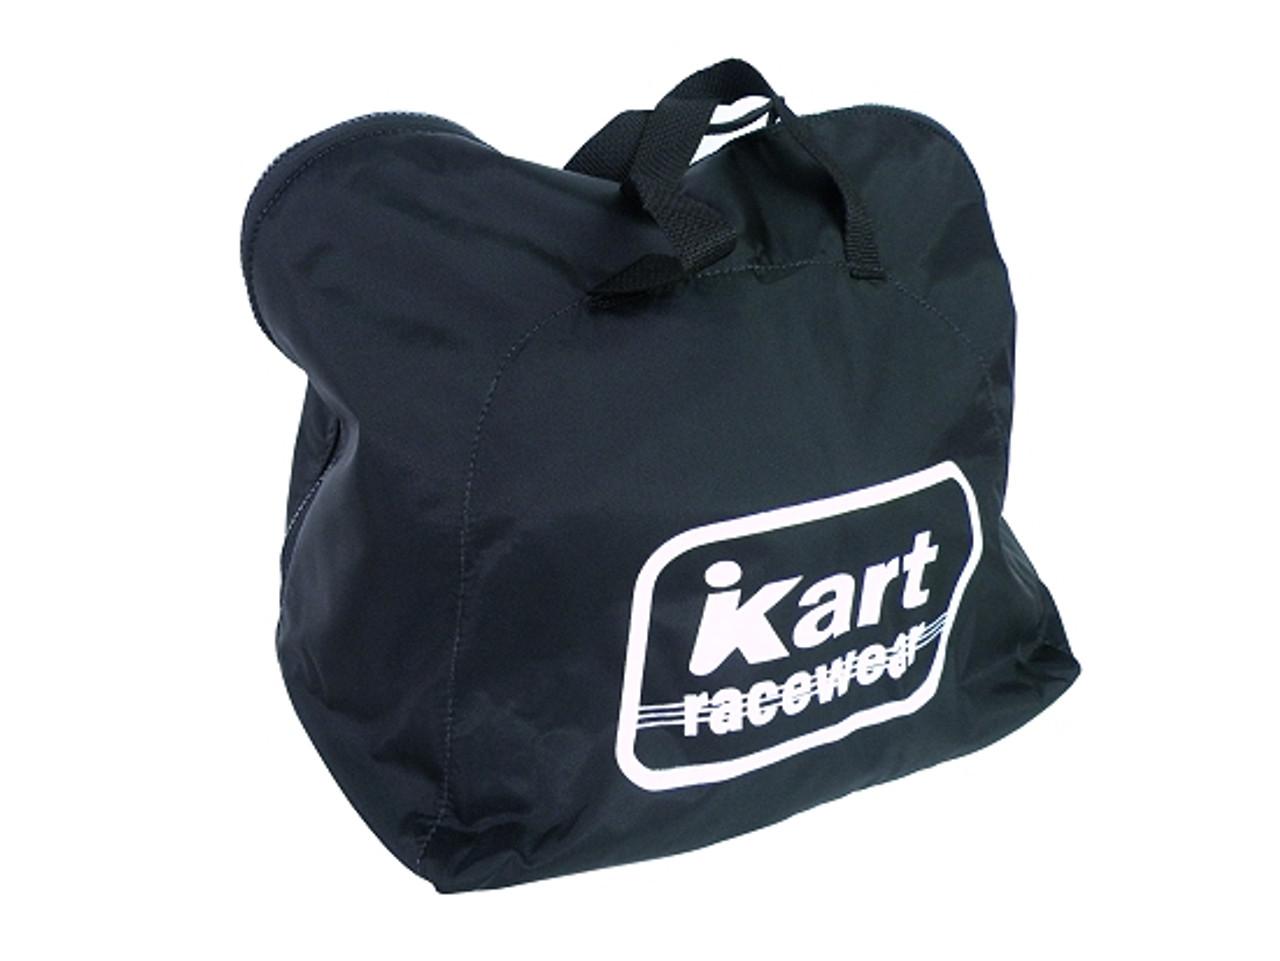 4f6858da7f Fleece lined helmet bag - TRJ KARTING